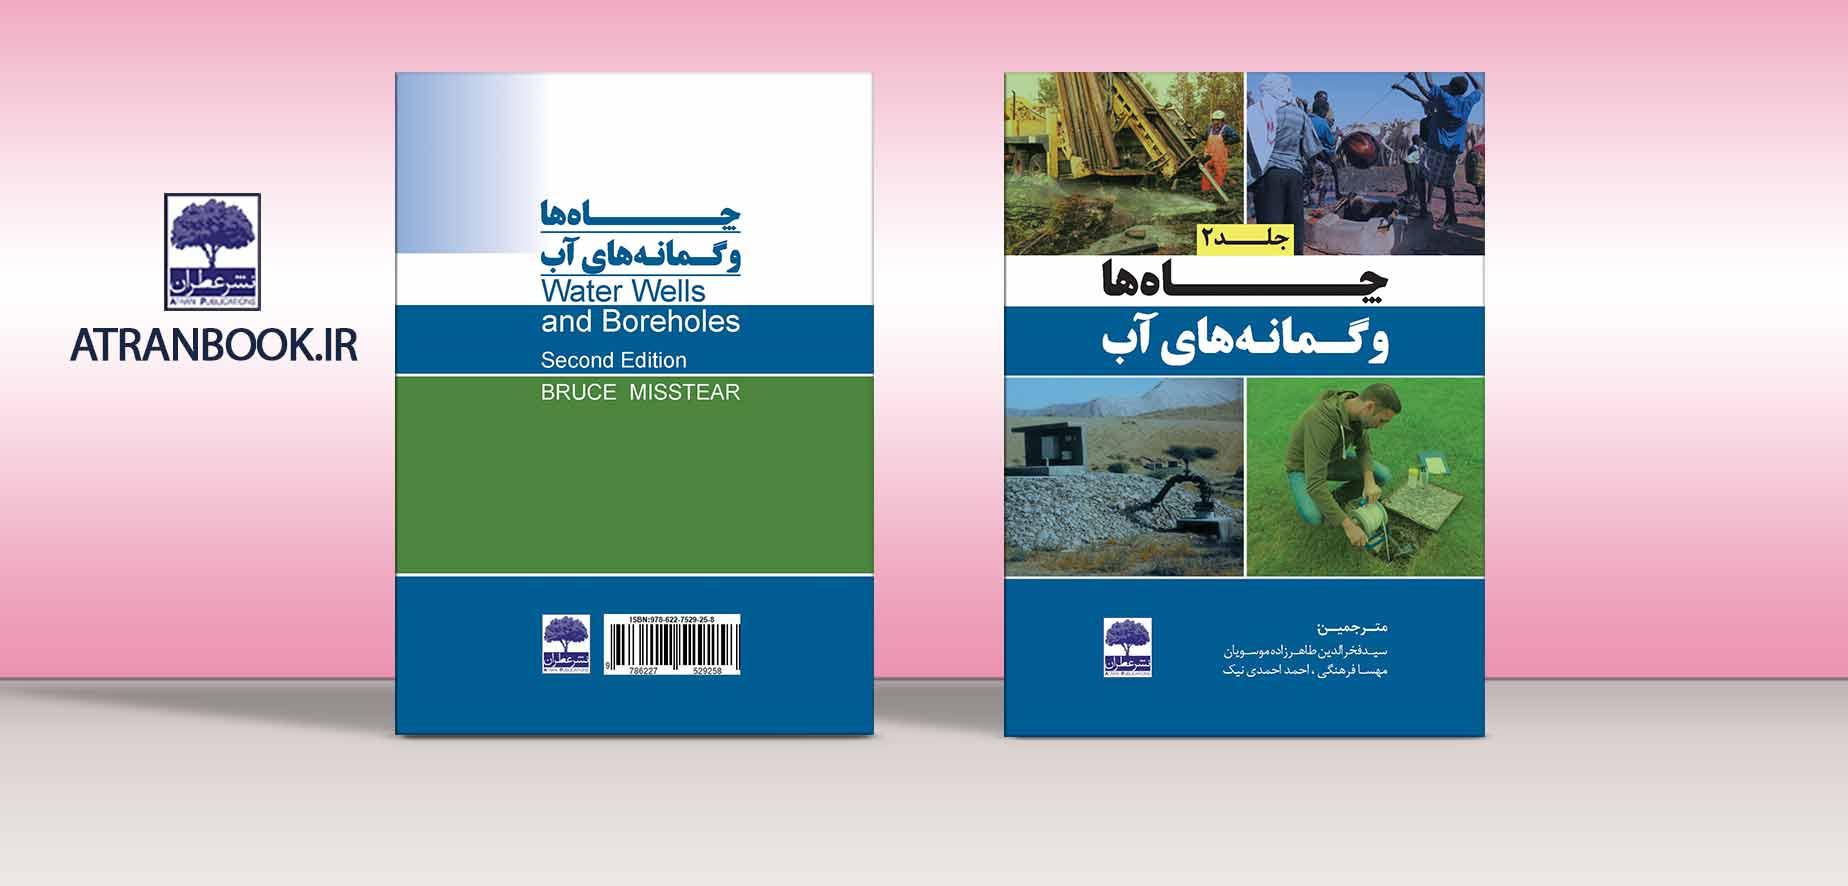 نشر ملی عطران: کتاب چاه ها و گمانه های آب جلد اول